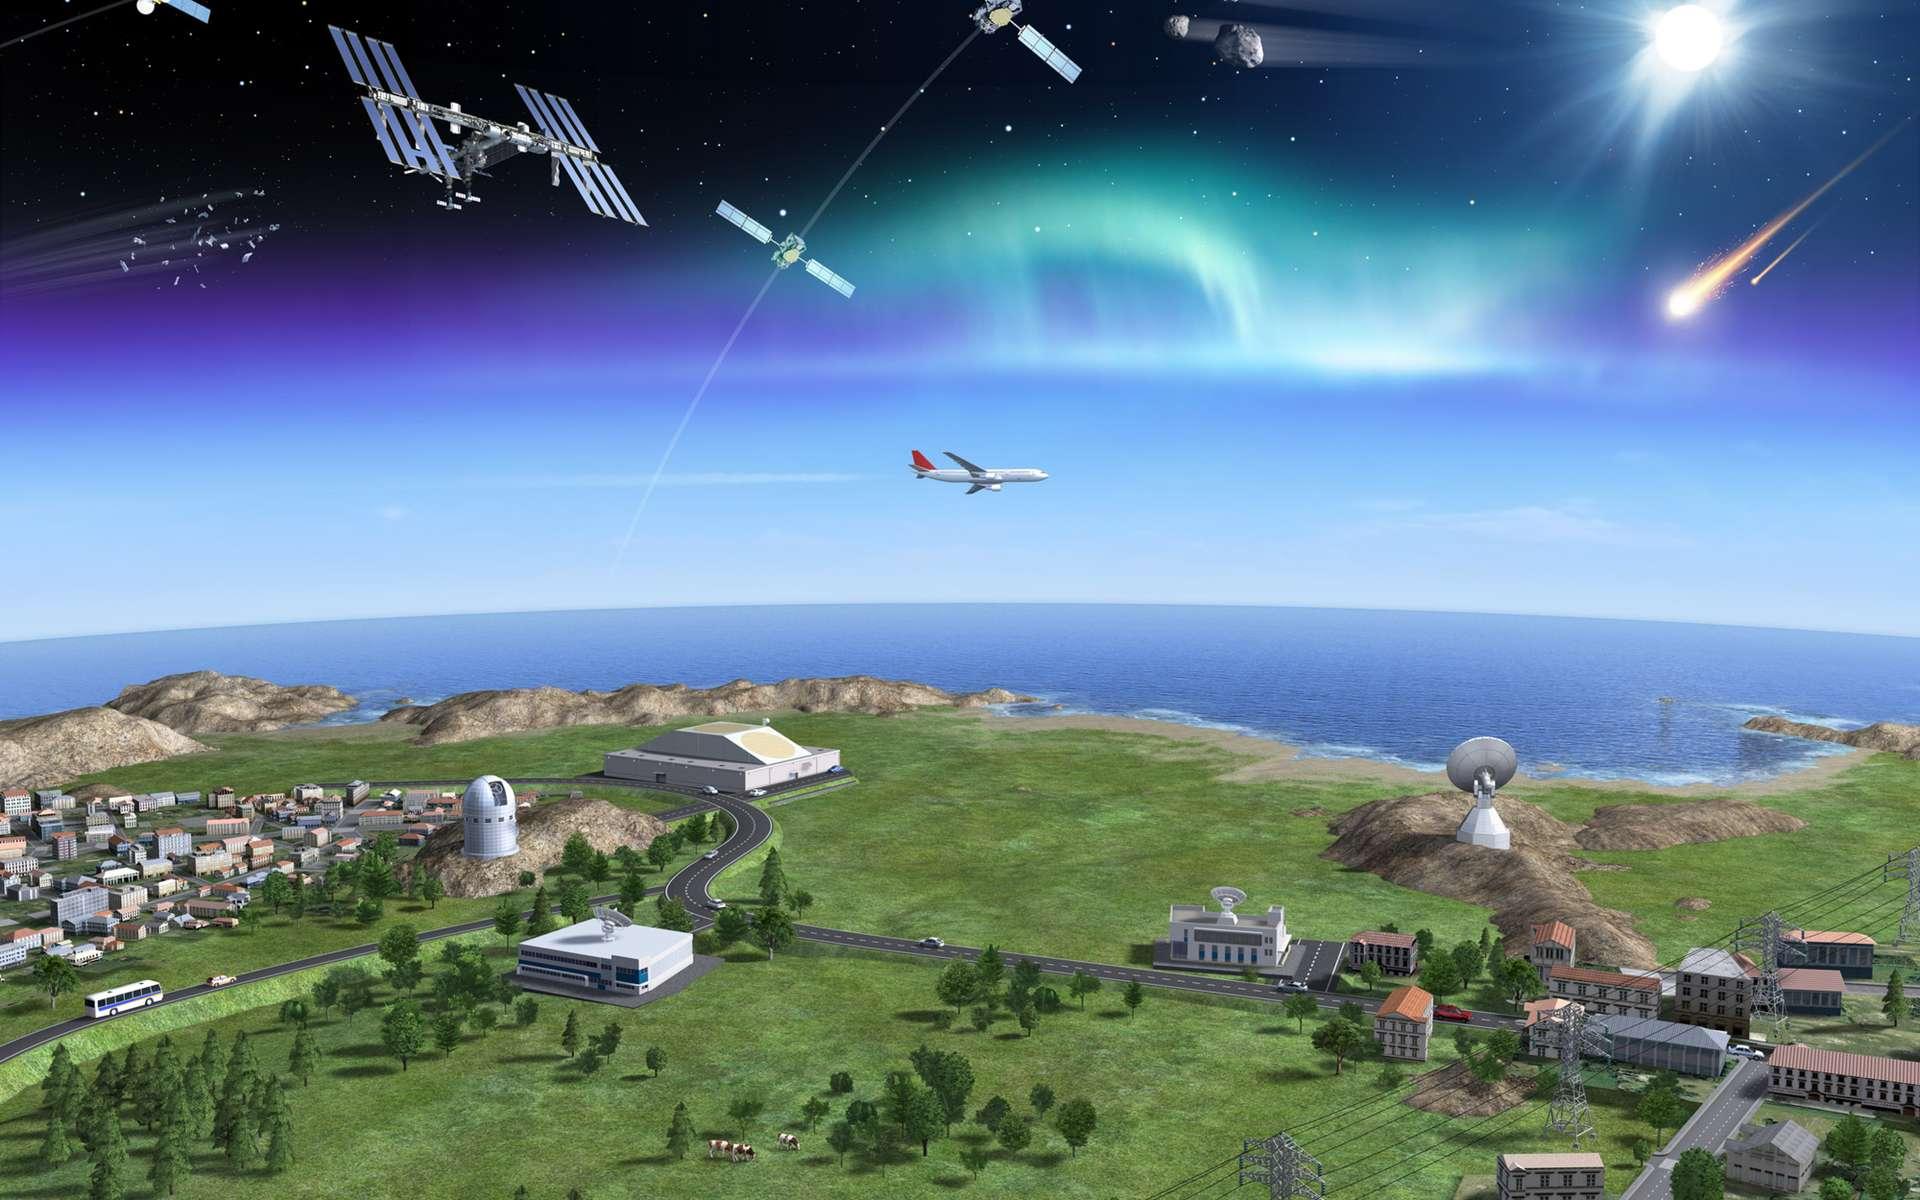 La surveillance de l'espace s'appuie sur des radars et des télescopes. Les radars sont très efficaces pour caractériser les objets artificiels en orbite basse, de 250 à 1.200 km d'altitude. Au-delà, et jusqu'à 36.000 km, les télescopes optiques sont plus adaptés. © P. Carill, Esa